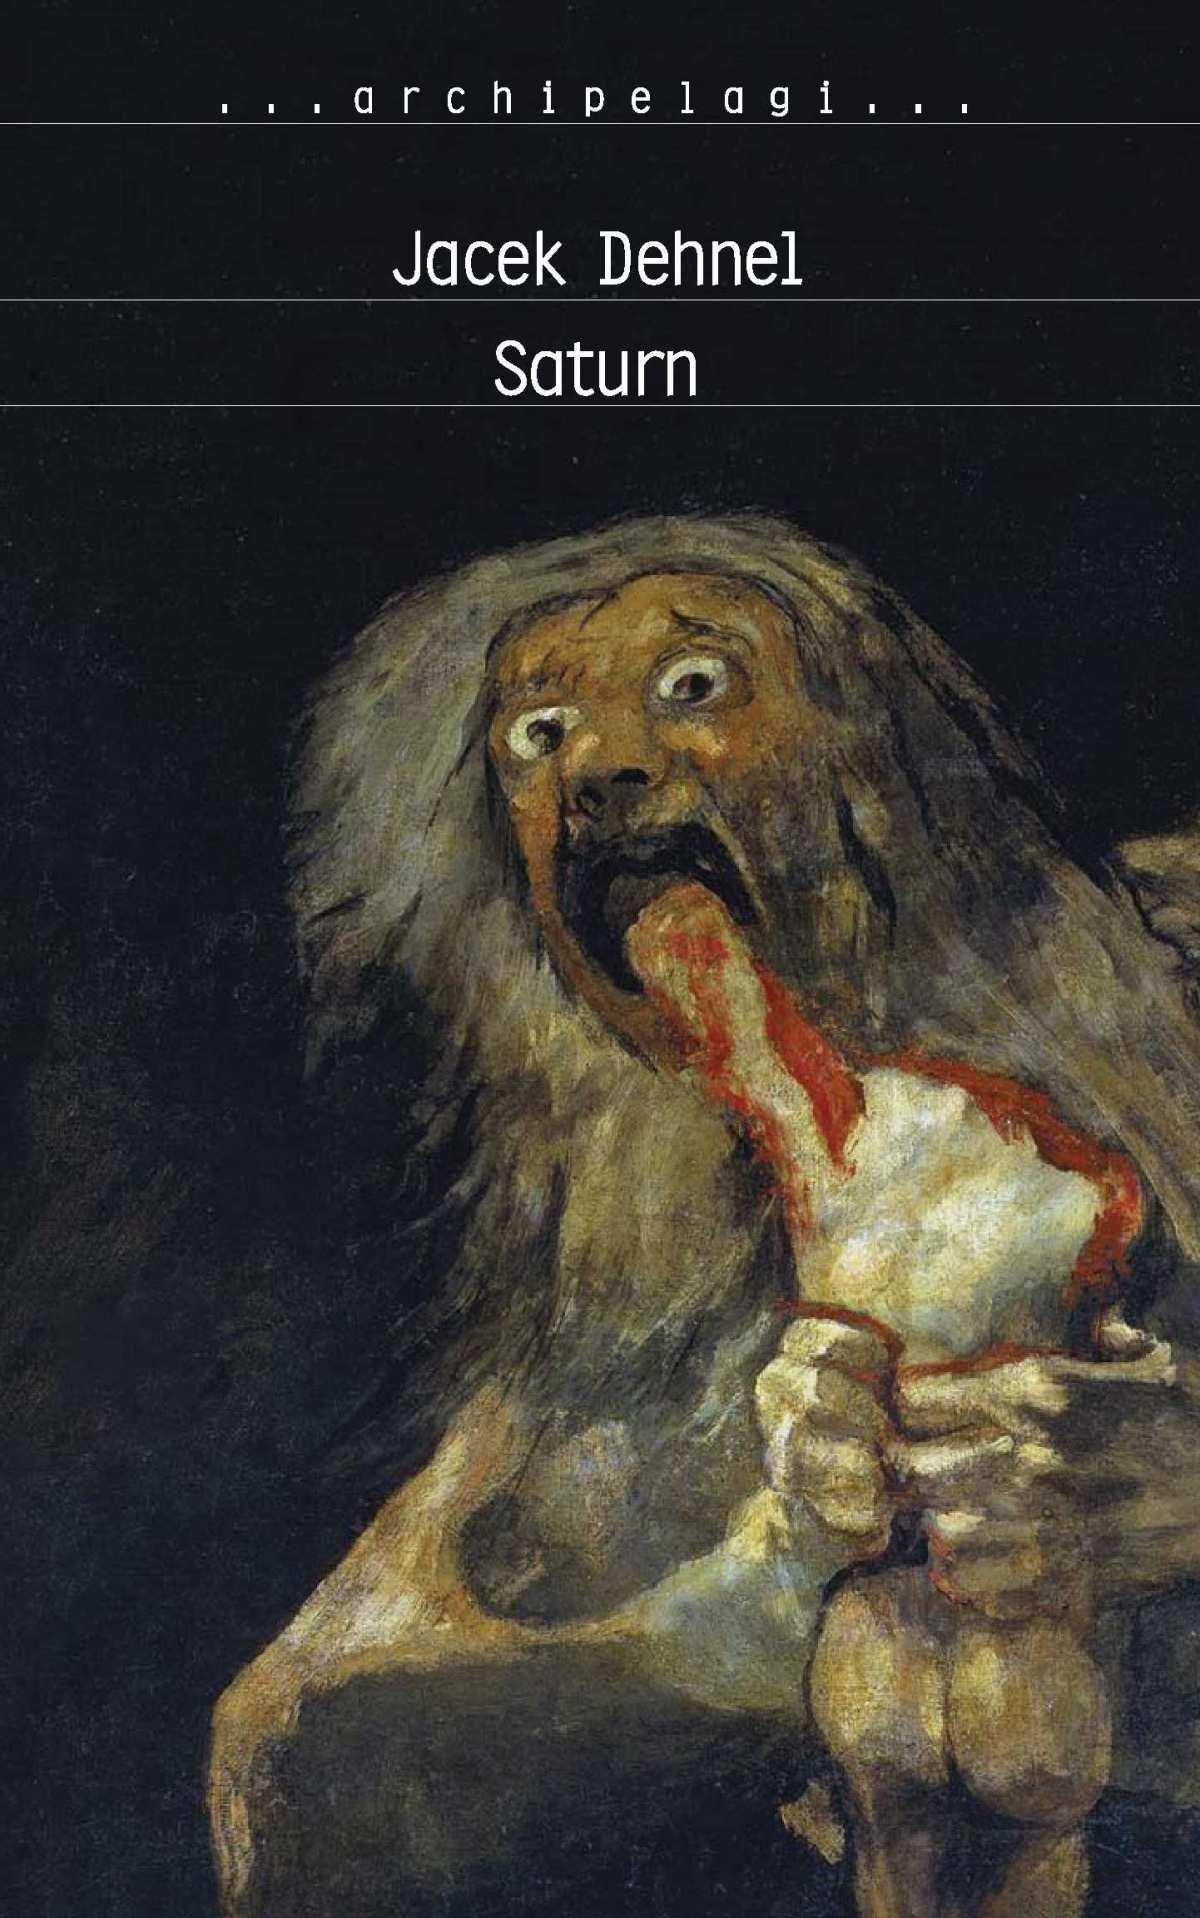 Saturn. Czarne obrazy z życia mężczyzn z rodziny Goya - Ebook (Książka na Kindle) do pobrania w formacie MOBI